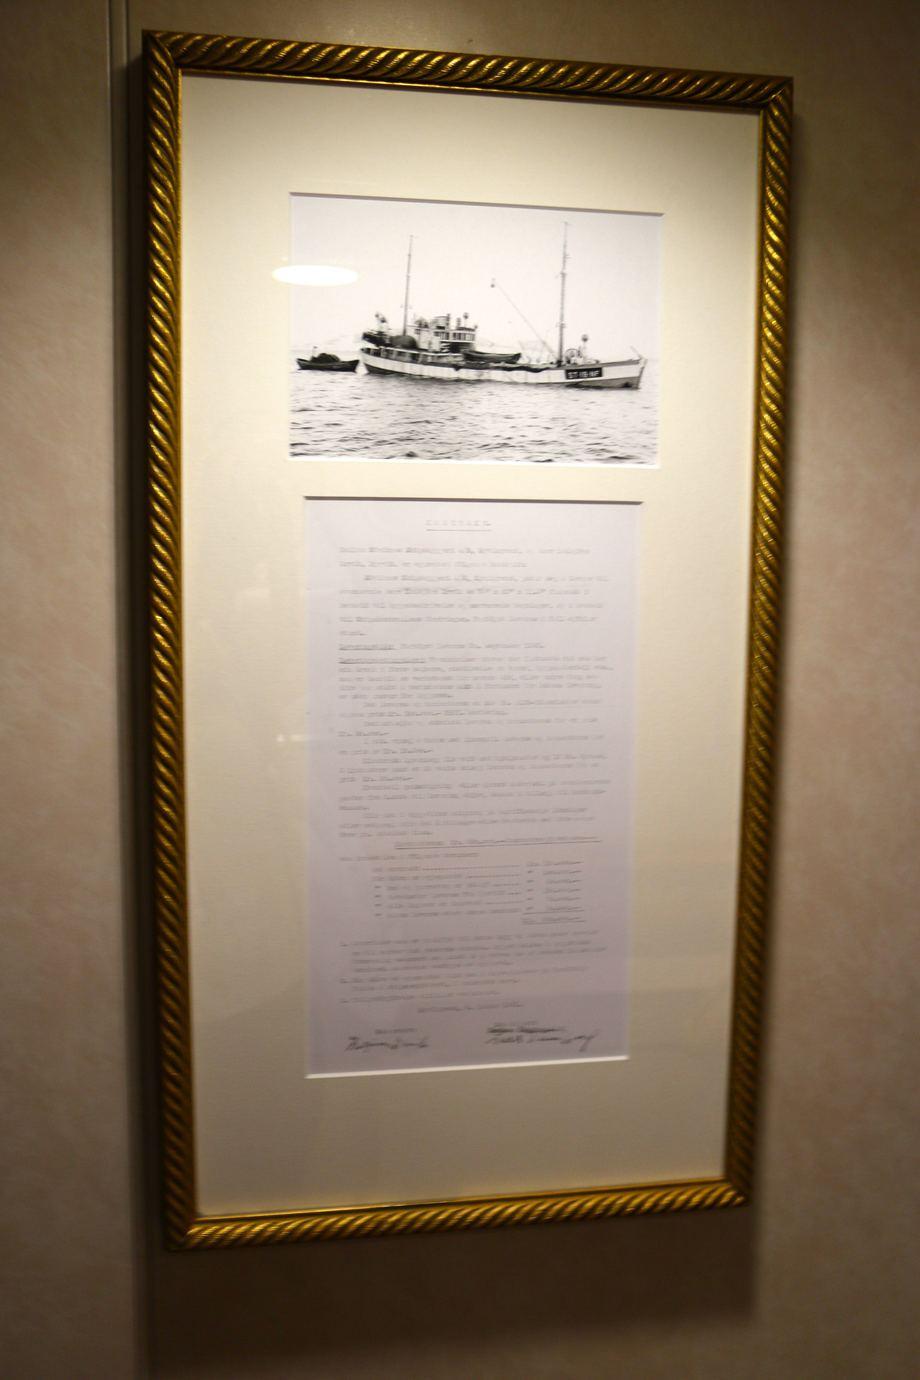 <p>Kontrakten p&aring; rederiets f&oslash;rste fart&oslash;y &ndash;&nbsp;til den nette sum av 520 000 kroner &ndash;&nbsp;henger i glass og ramme. Foto: Andrea B&aelig;rland</p>